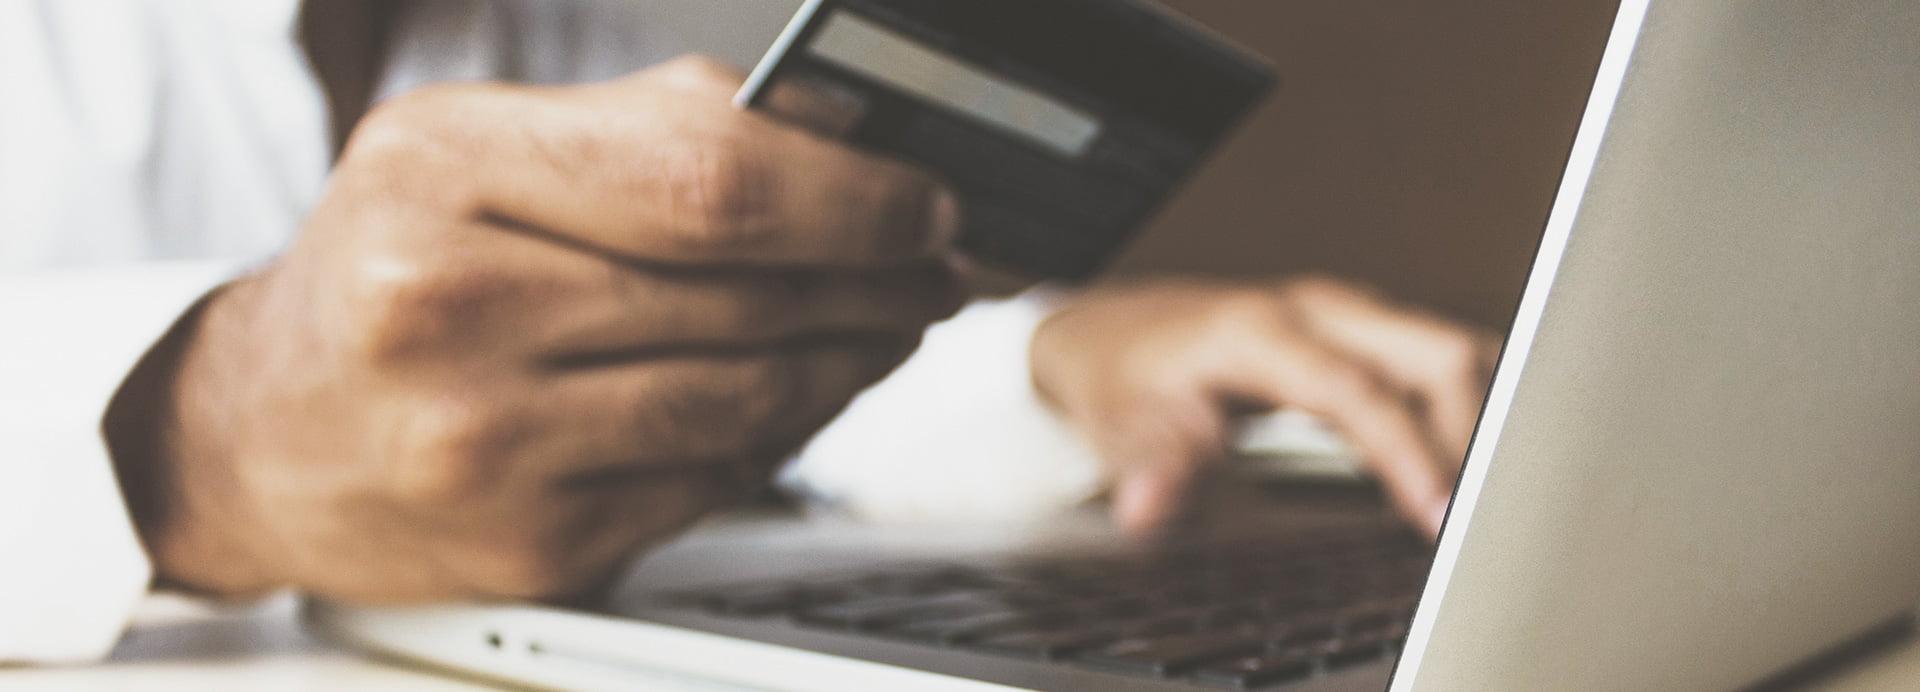 Onlinezahlung mit Kreditkarte